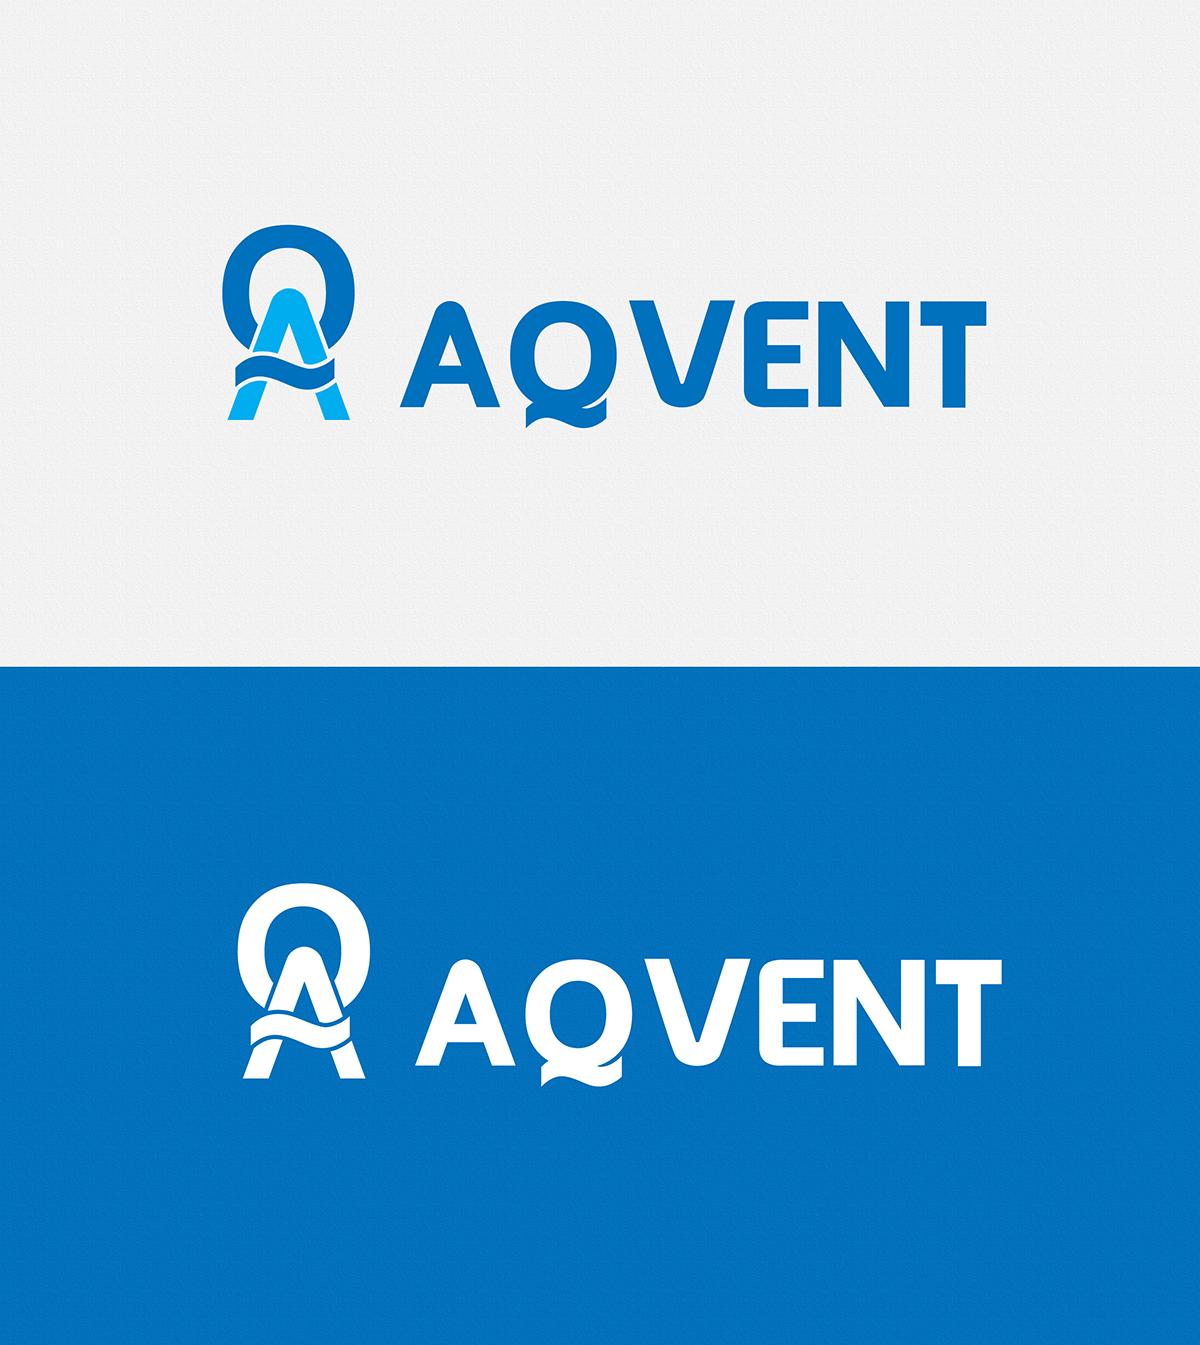 Логотип AQVENT фото f_477528cfb16b5448.jpg